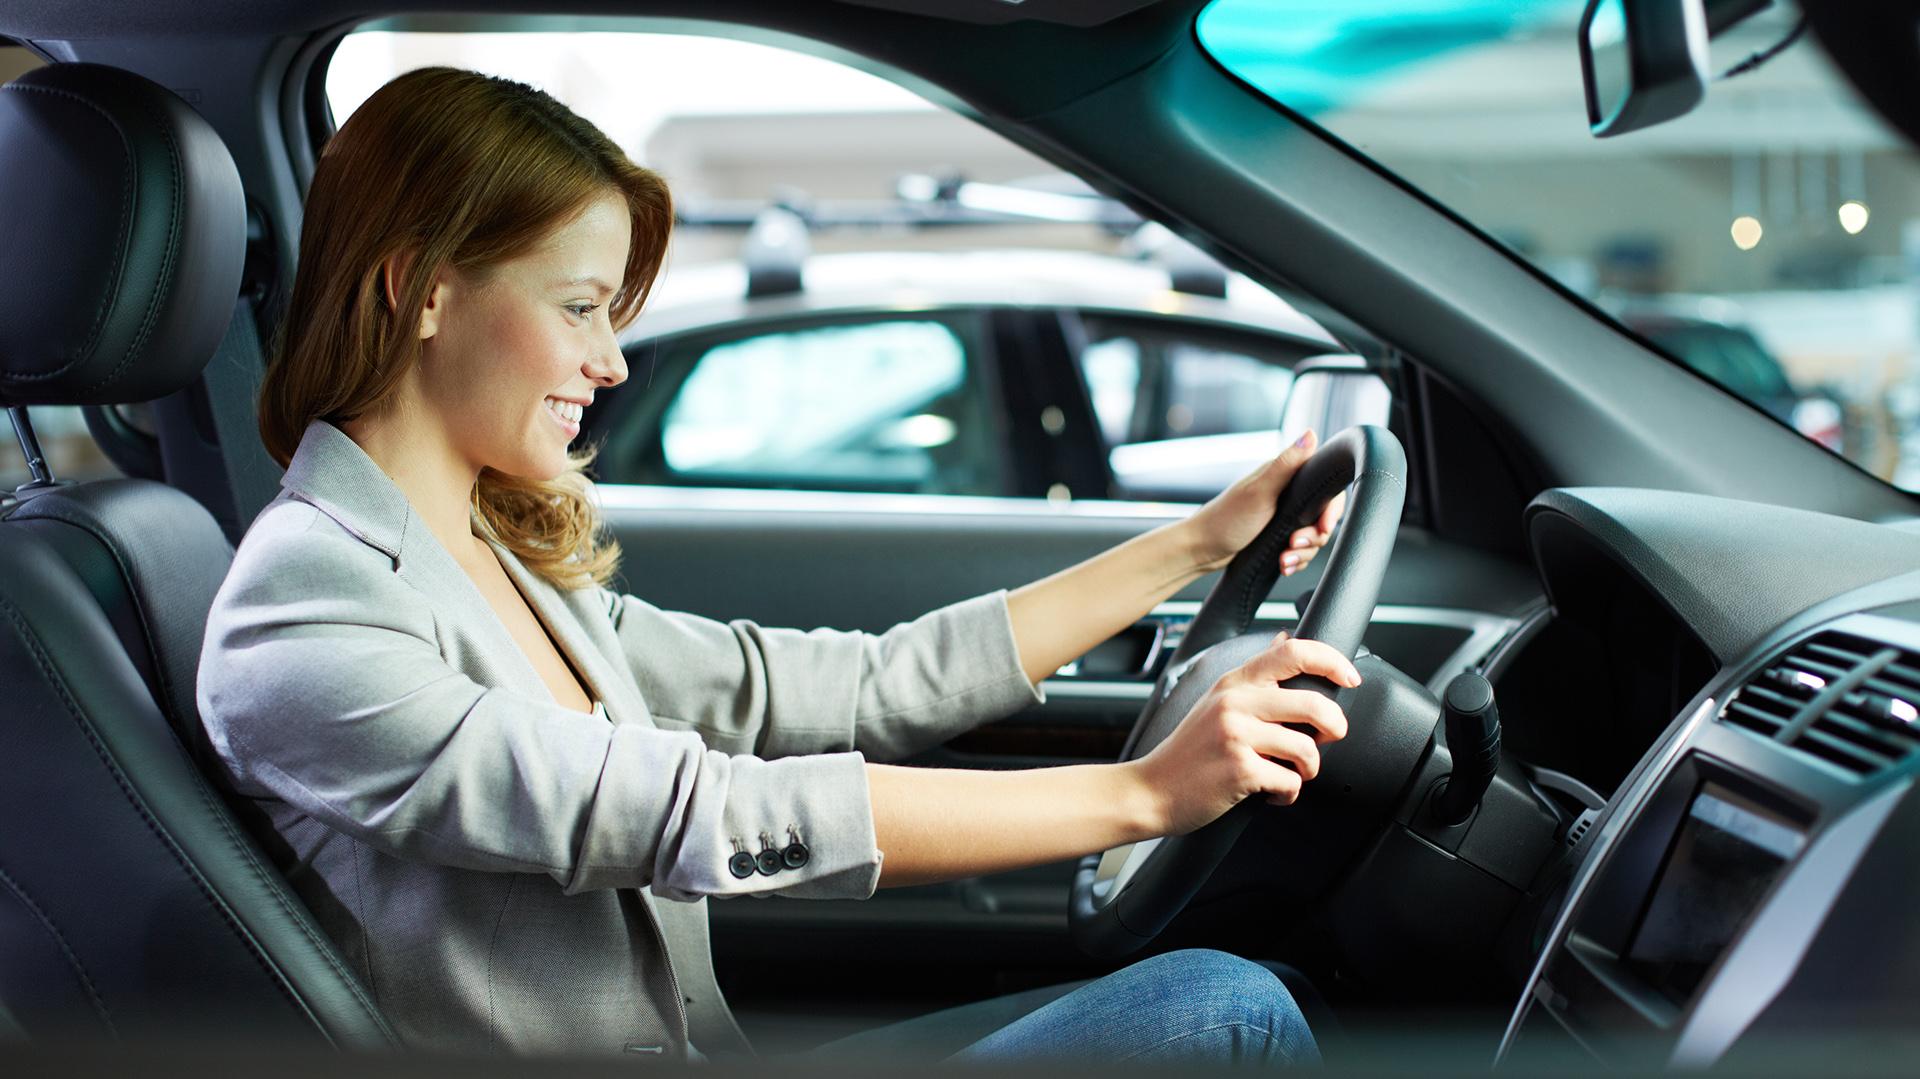 Tips para manejar seguro en coche